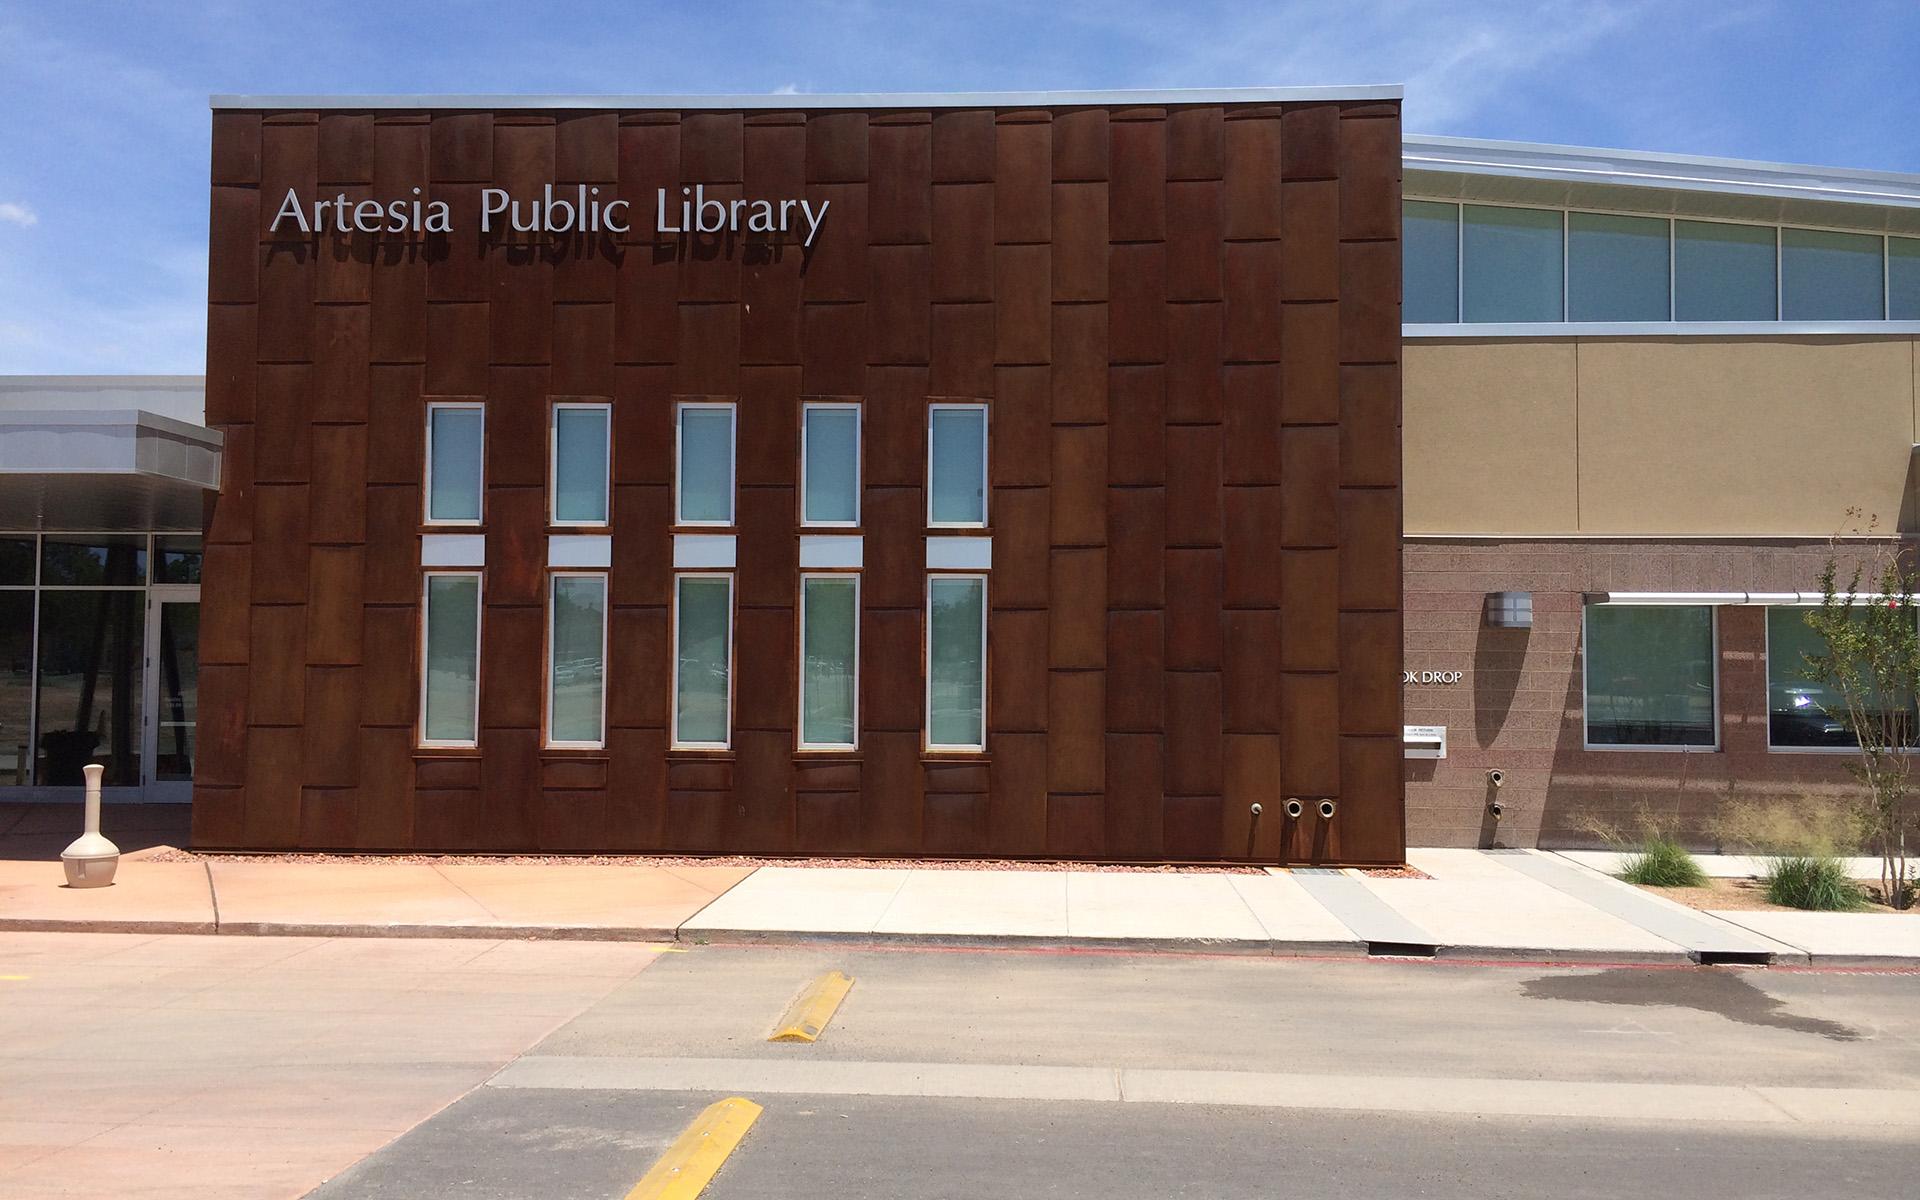 Artesia Public Library Cast Aluminum